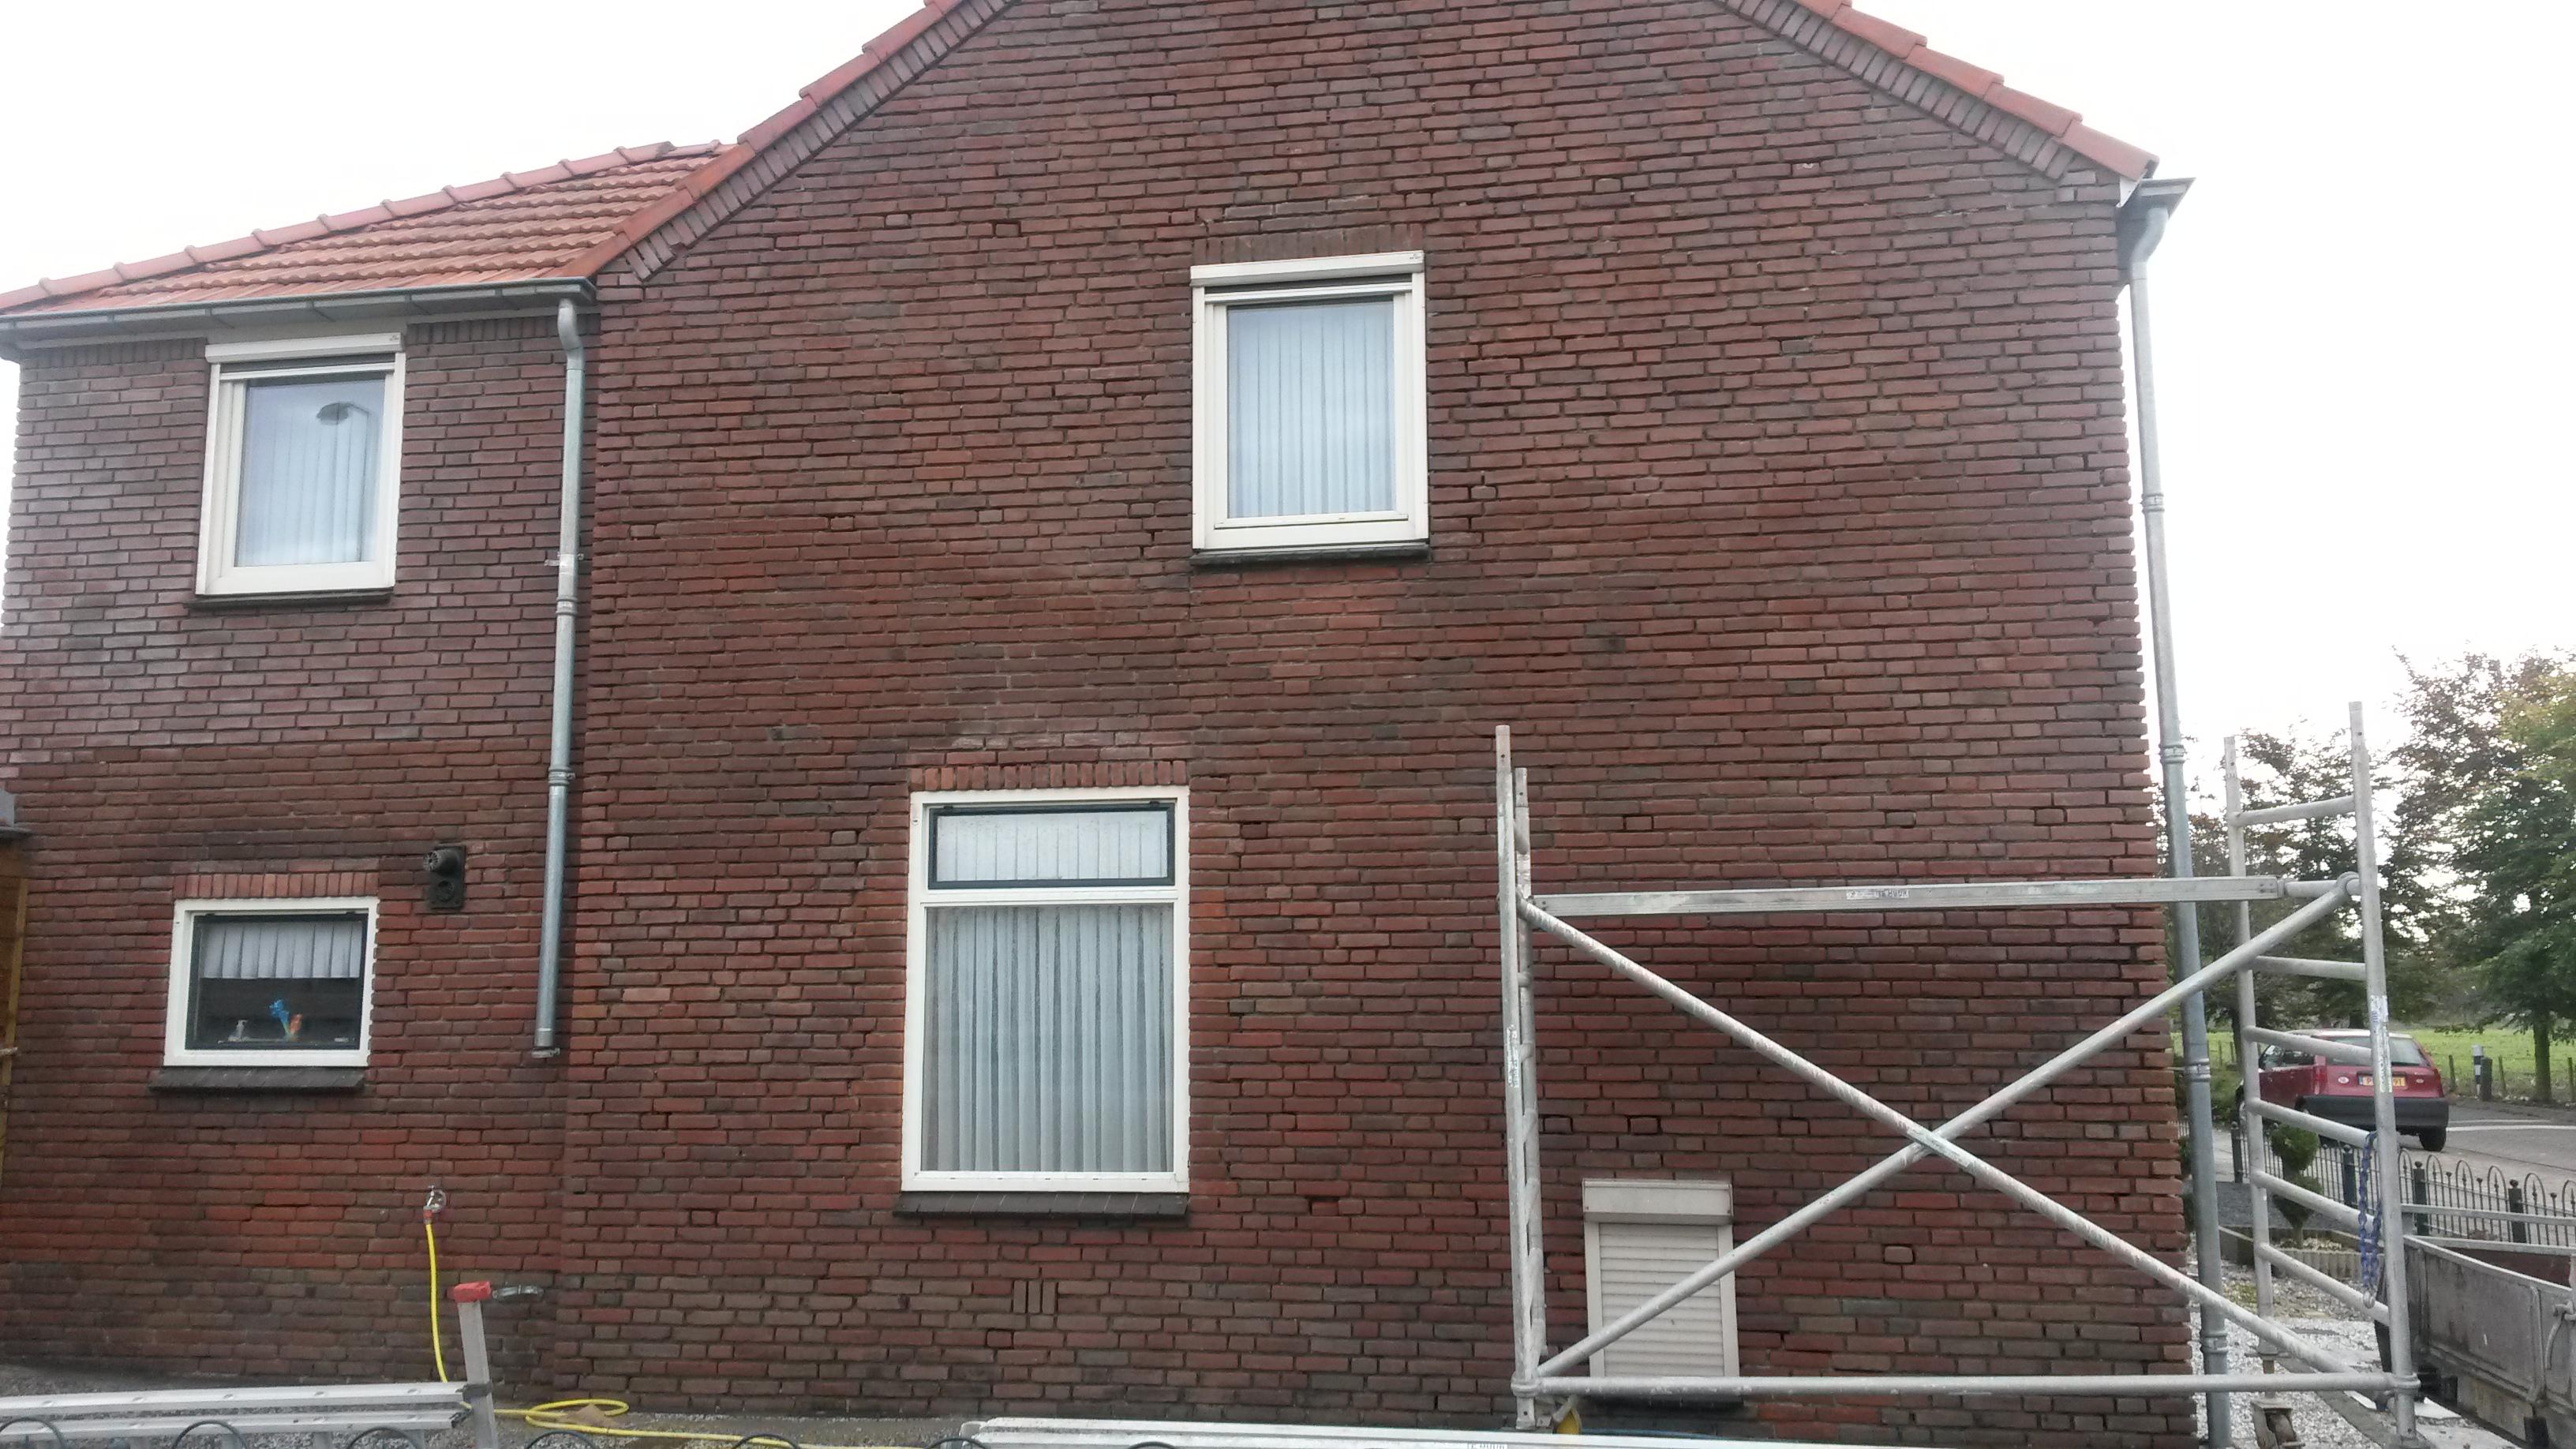 Renovatie multivoeg - Oude huis renovatie ...